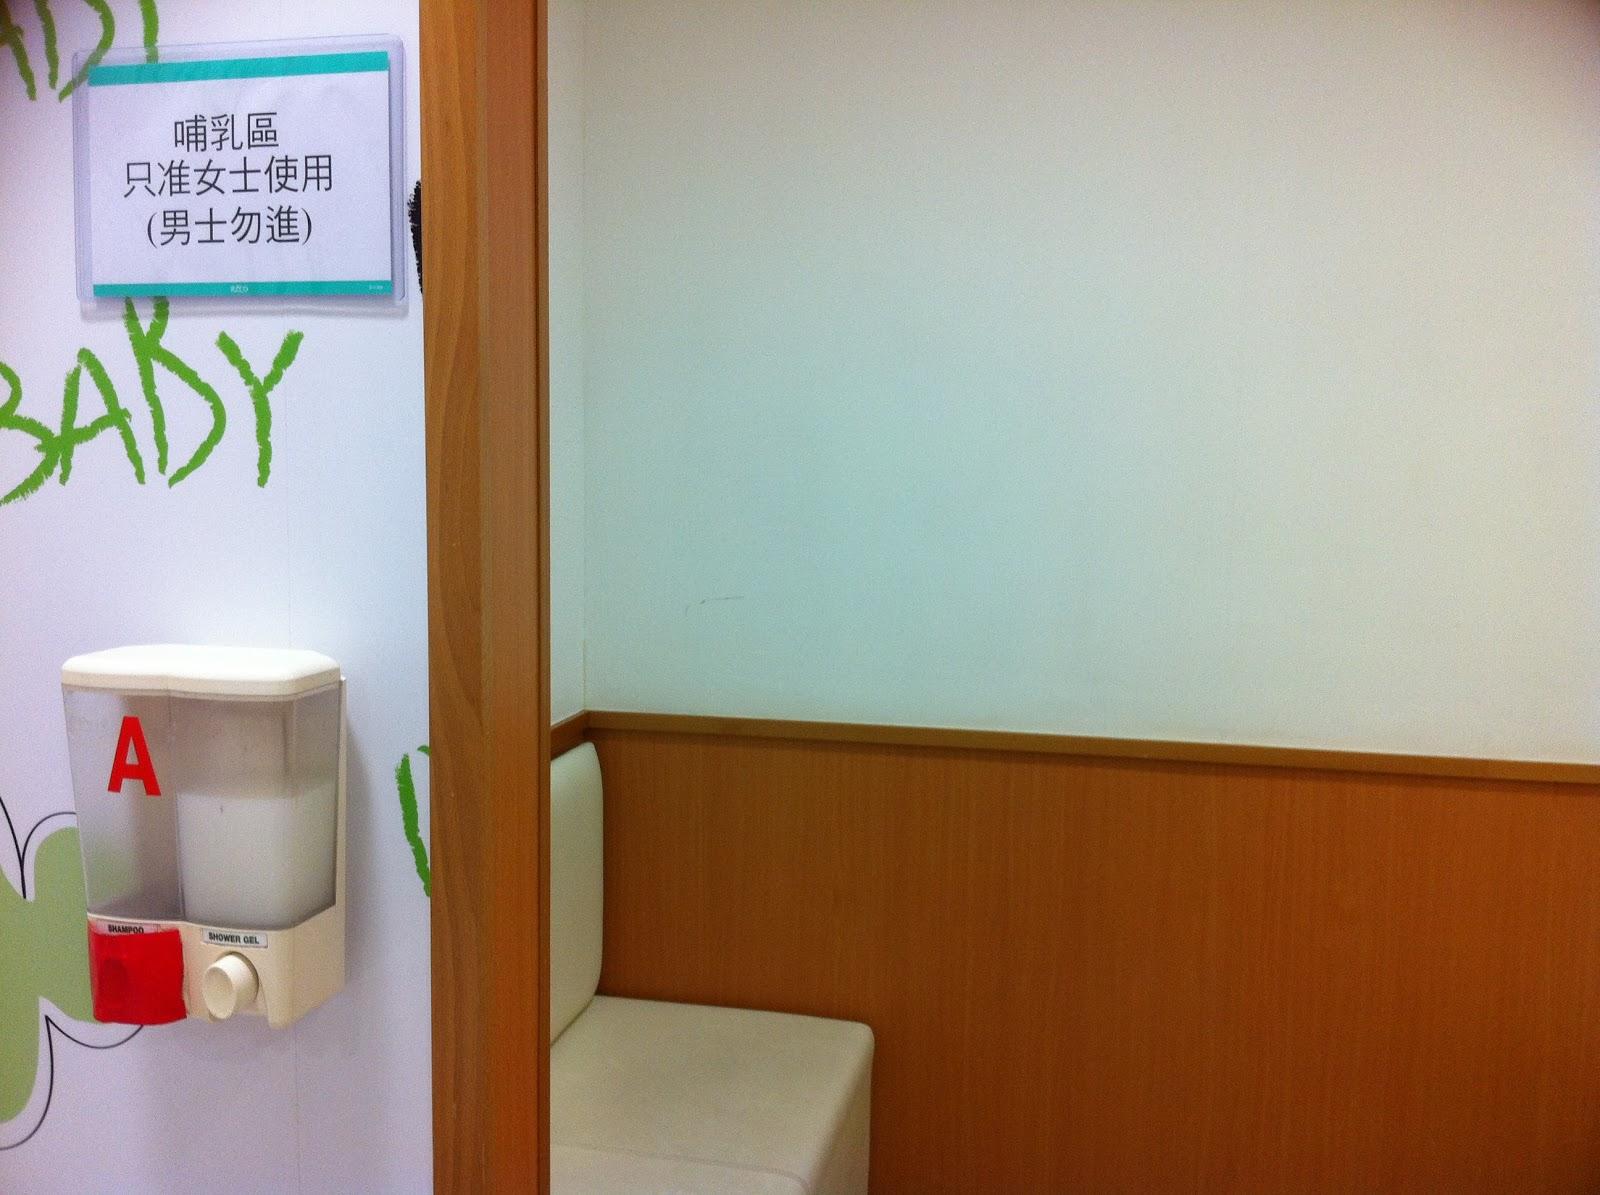 營養師媽媽手記: 最多育嬰室的商場 - 荃灣廣場